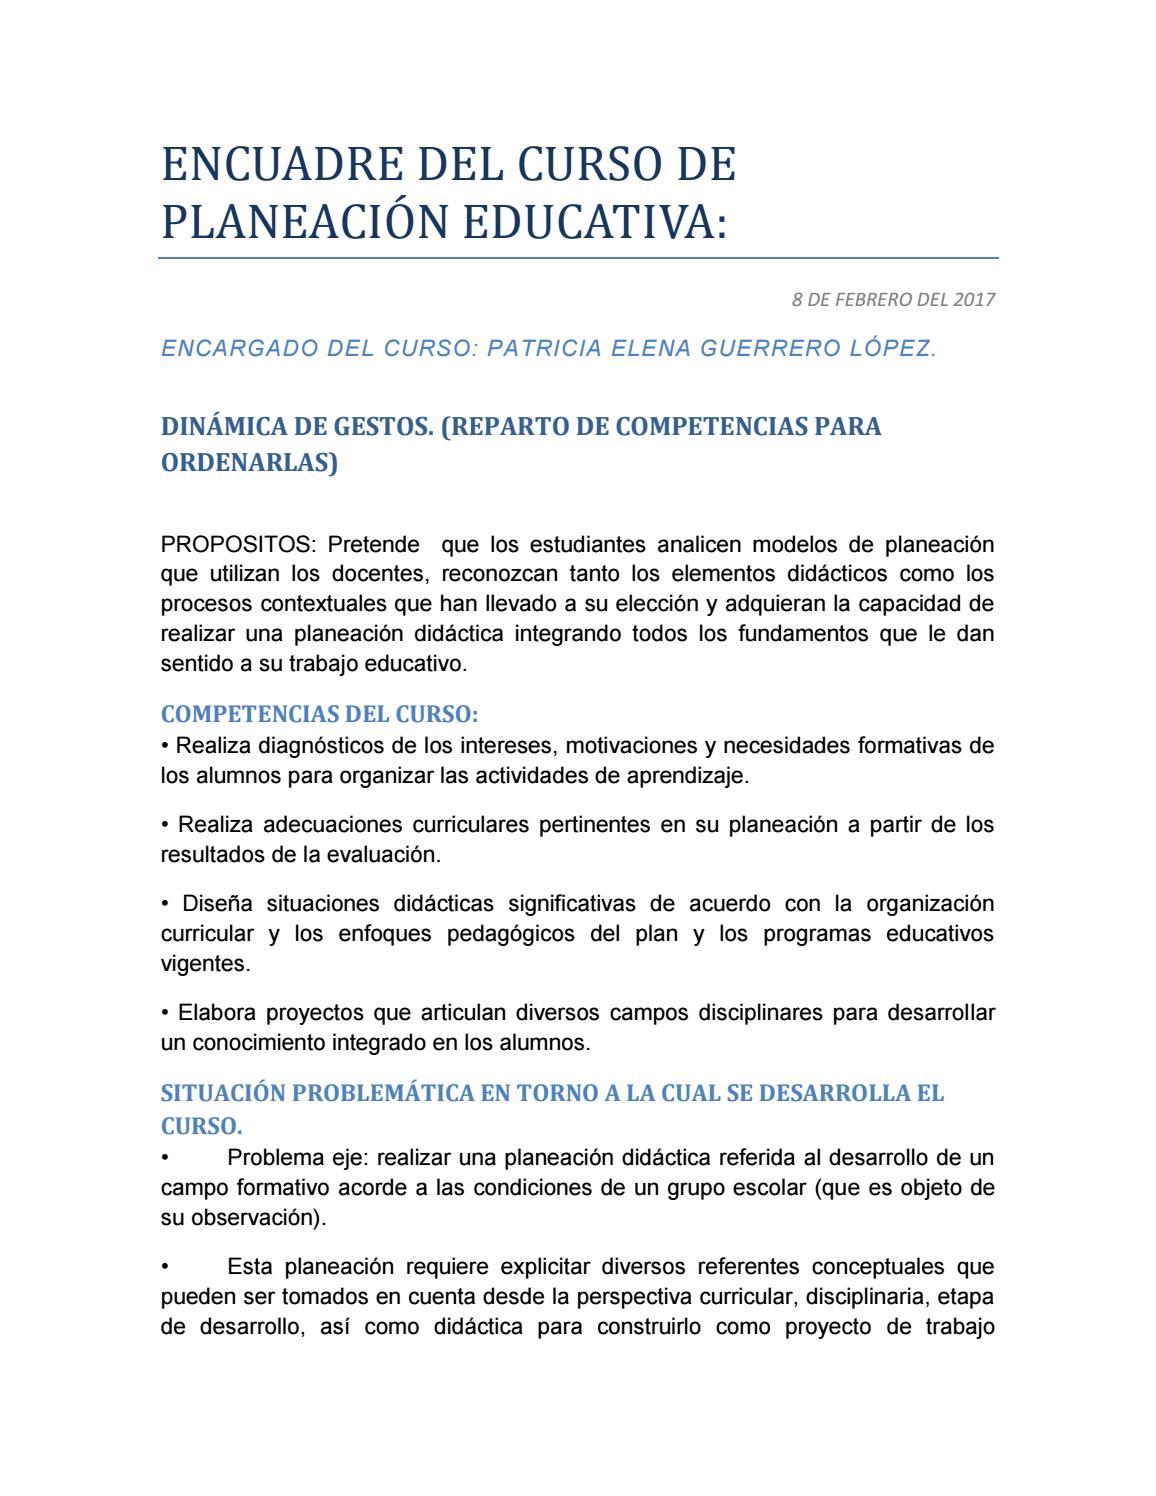 Encuadre del curso de planeación educativa by Diana Garcia - issuu